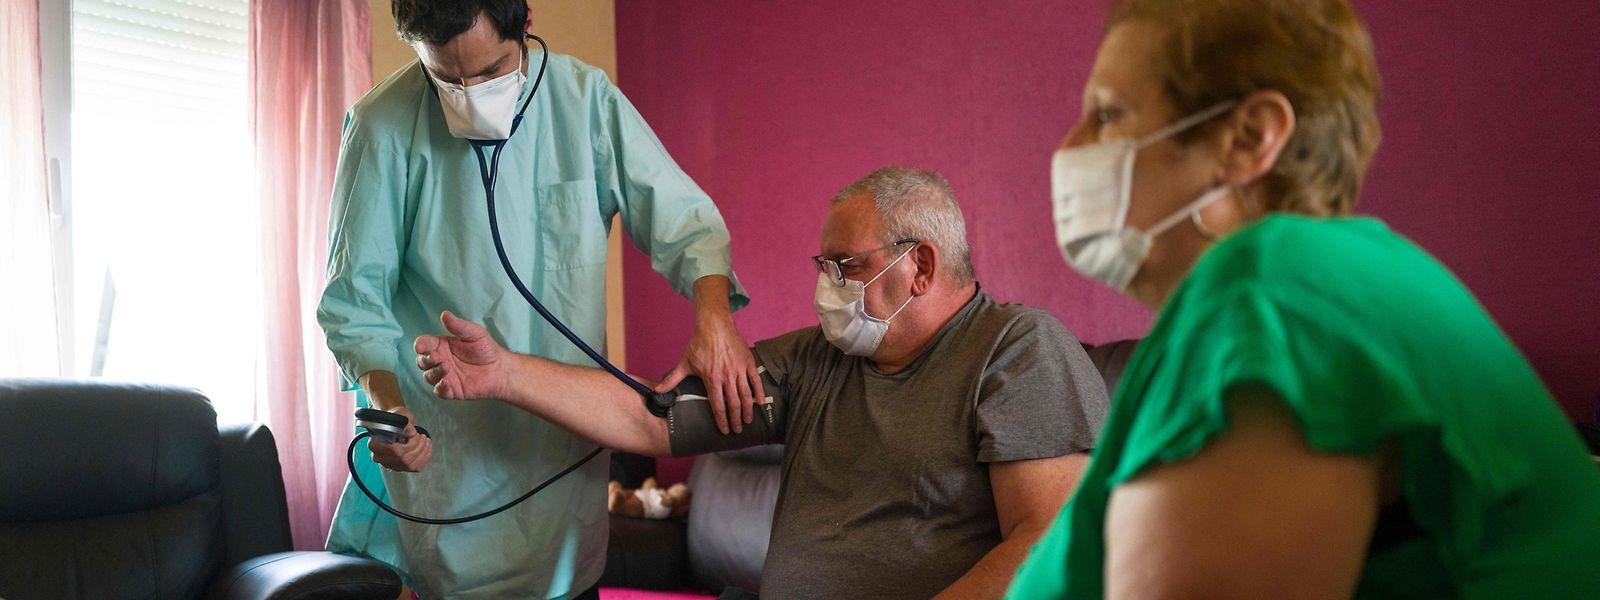 Ein Arzt untersucht einen Covid-19-Patienten in dessen Haus in Linsdorf, Frankreich.